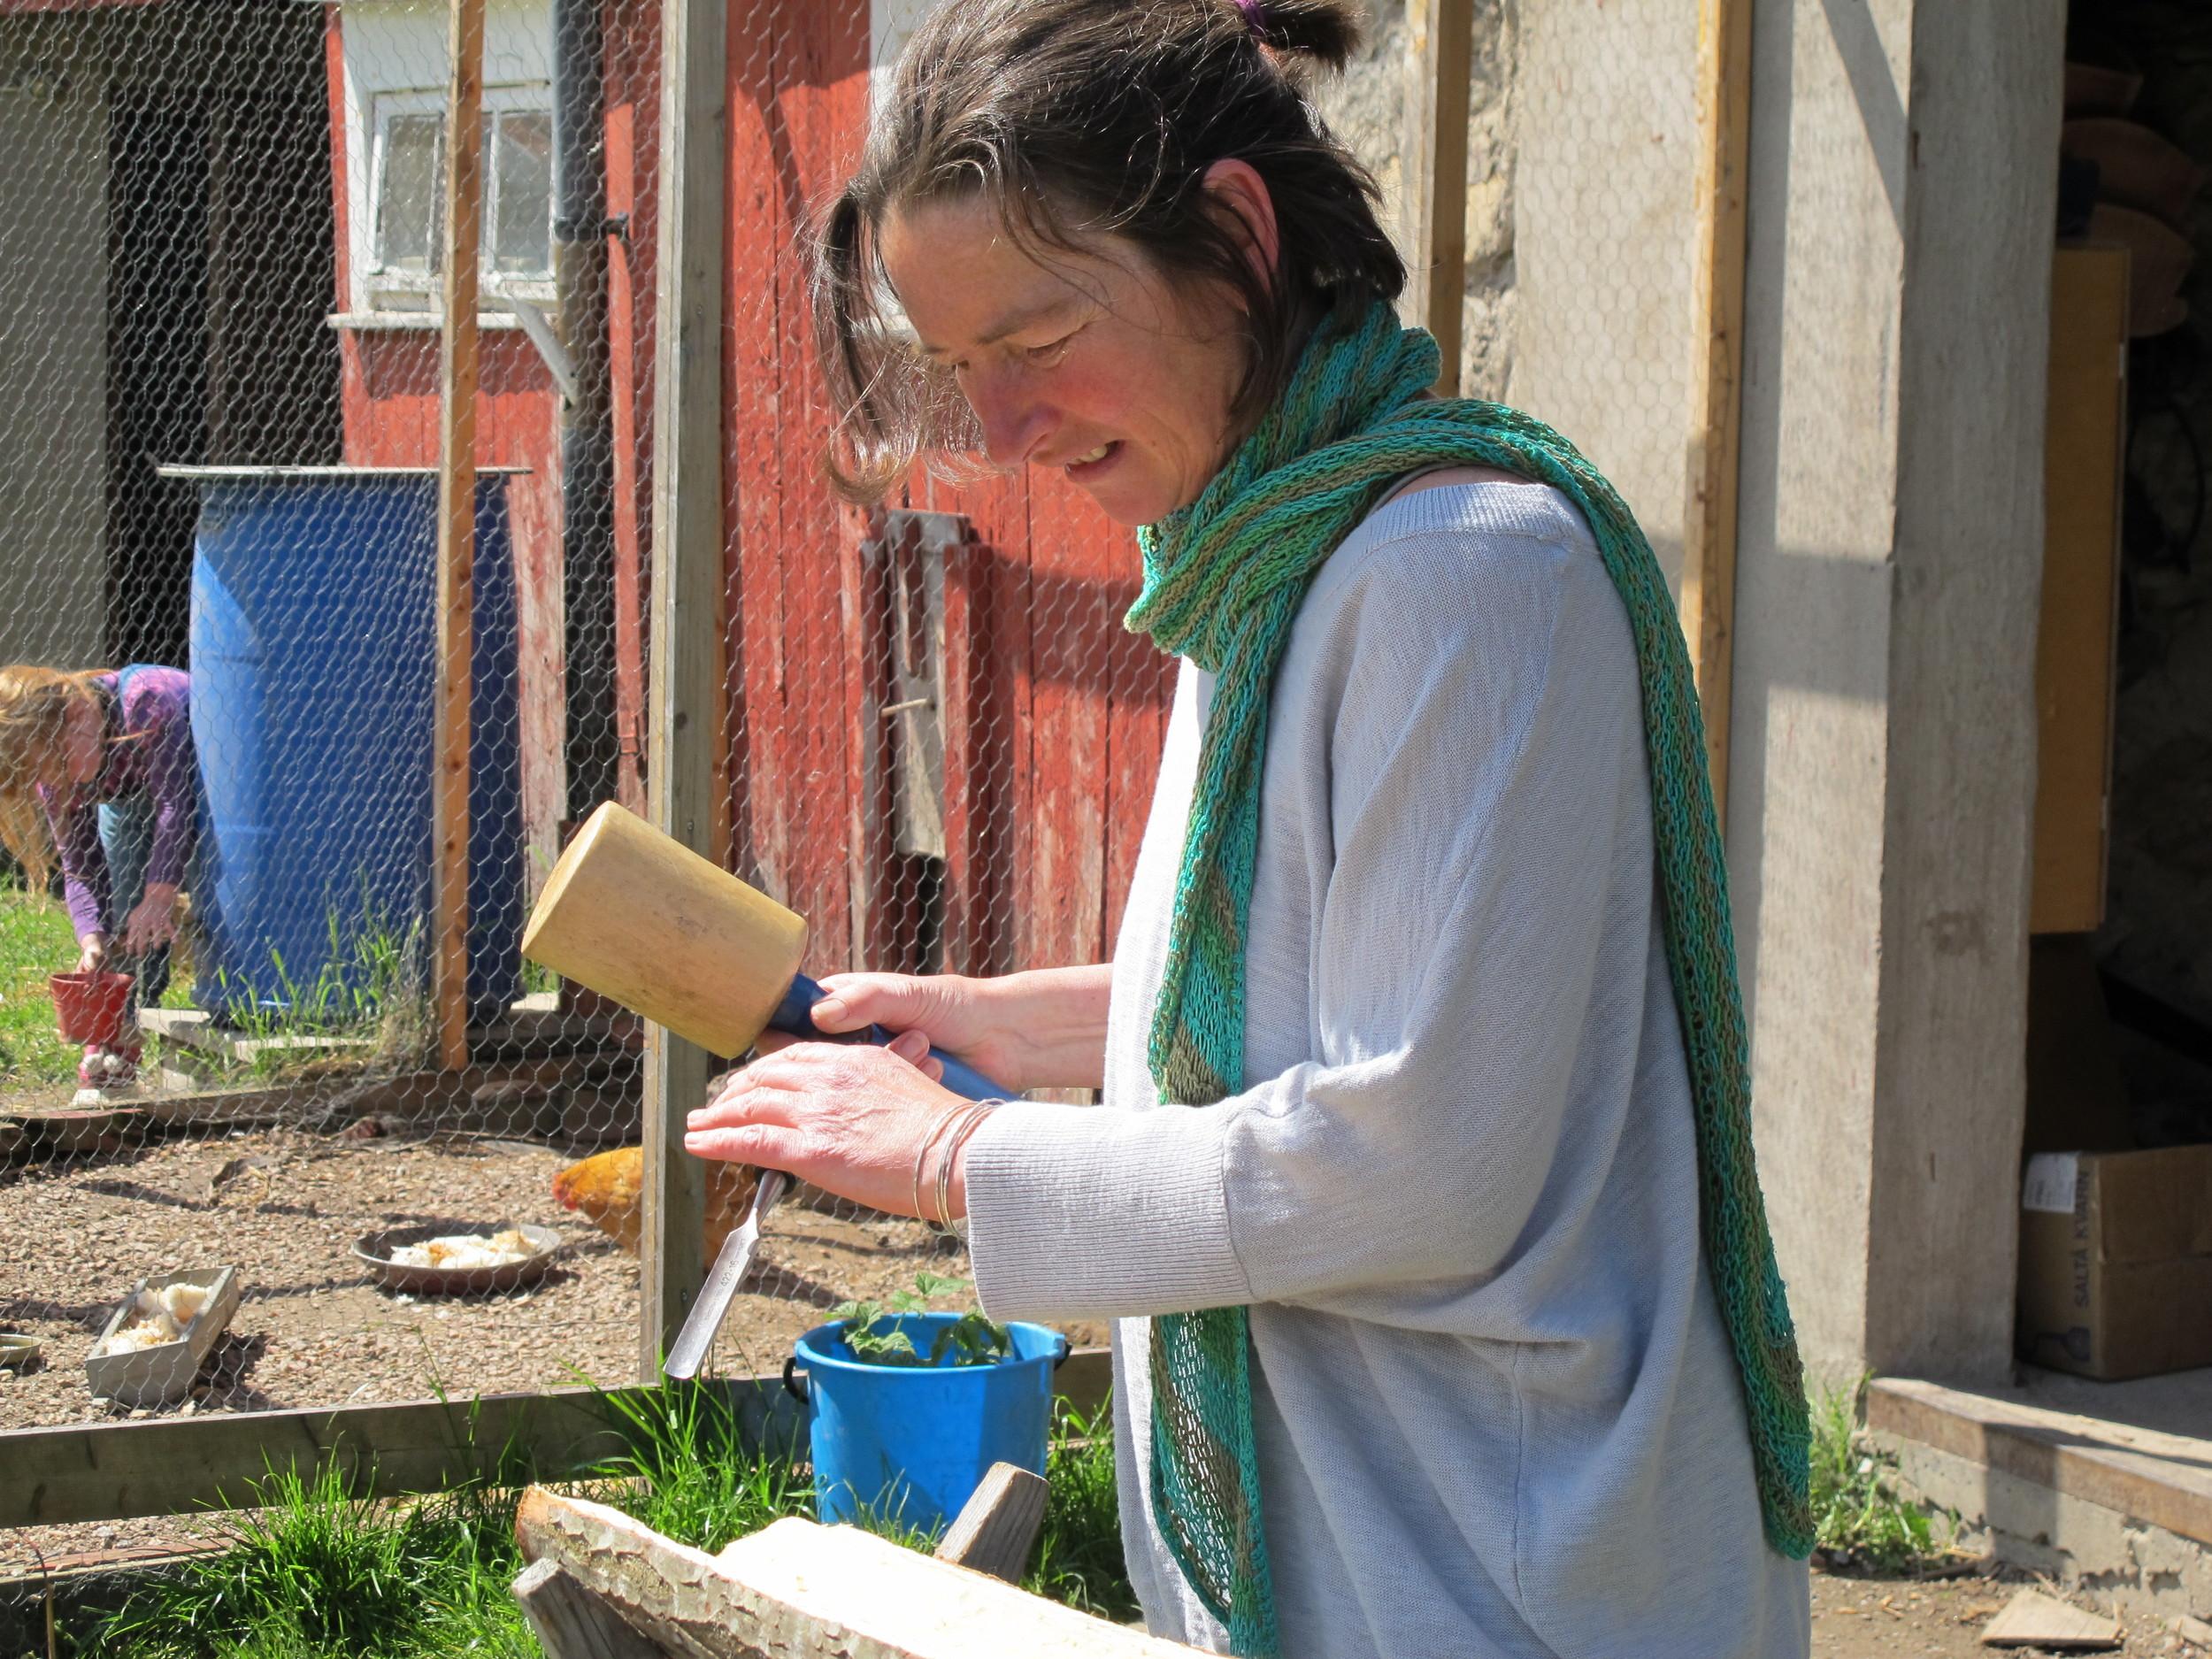 barnträdgård 2011-12 735.JPG